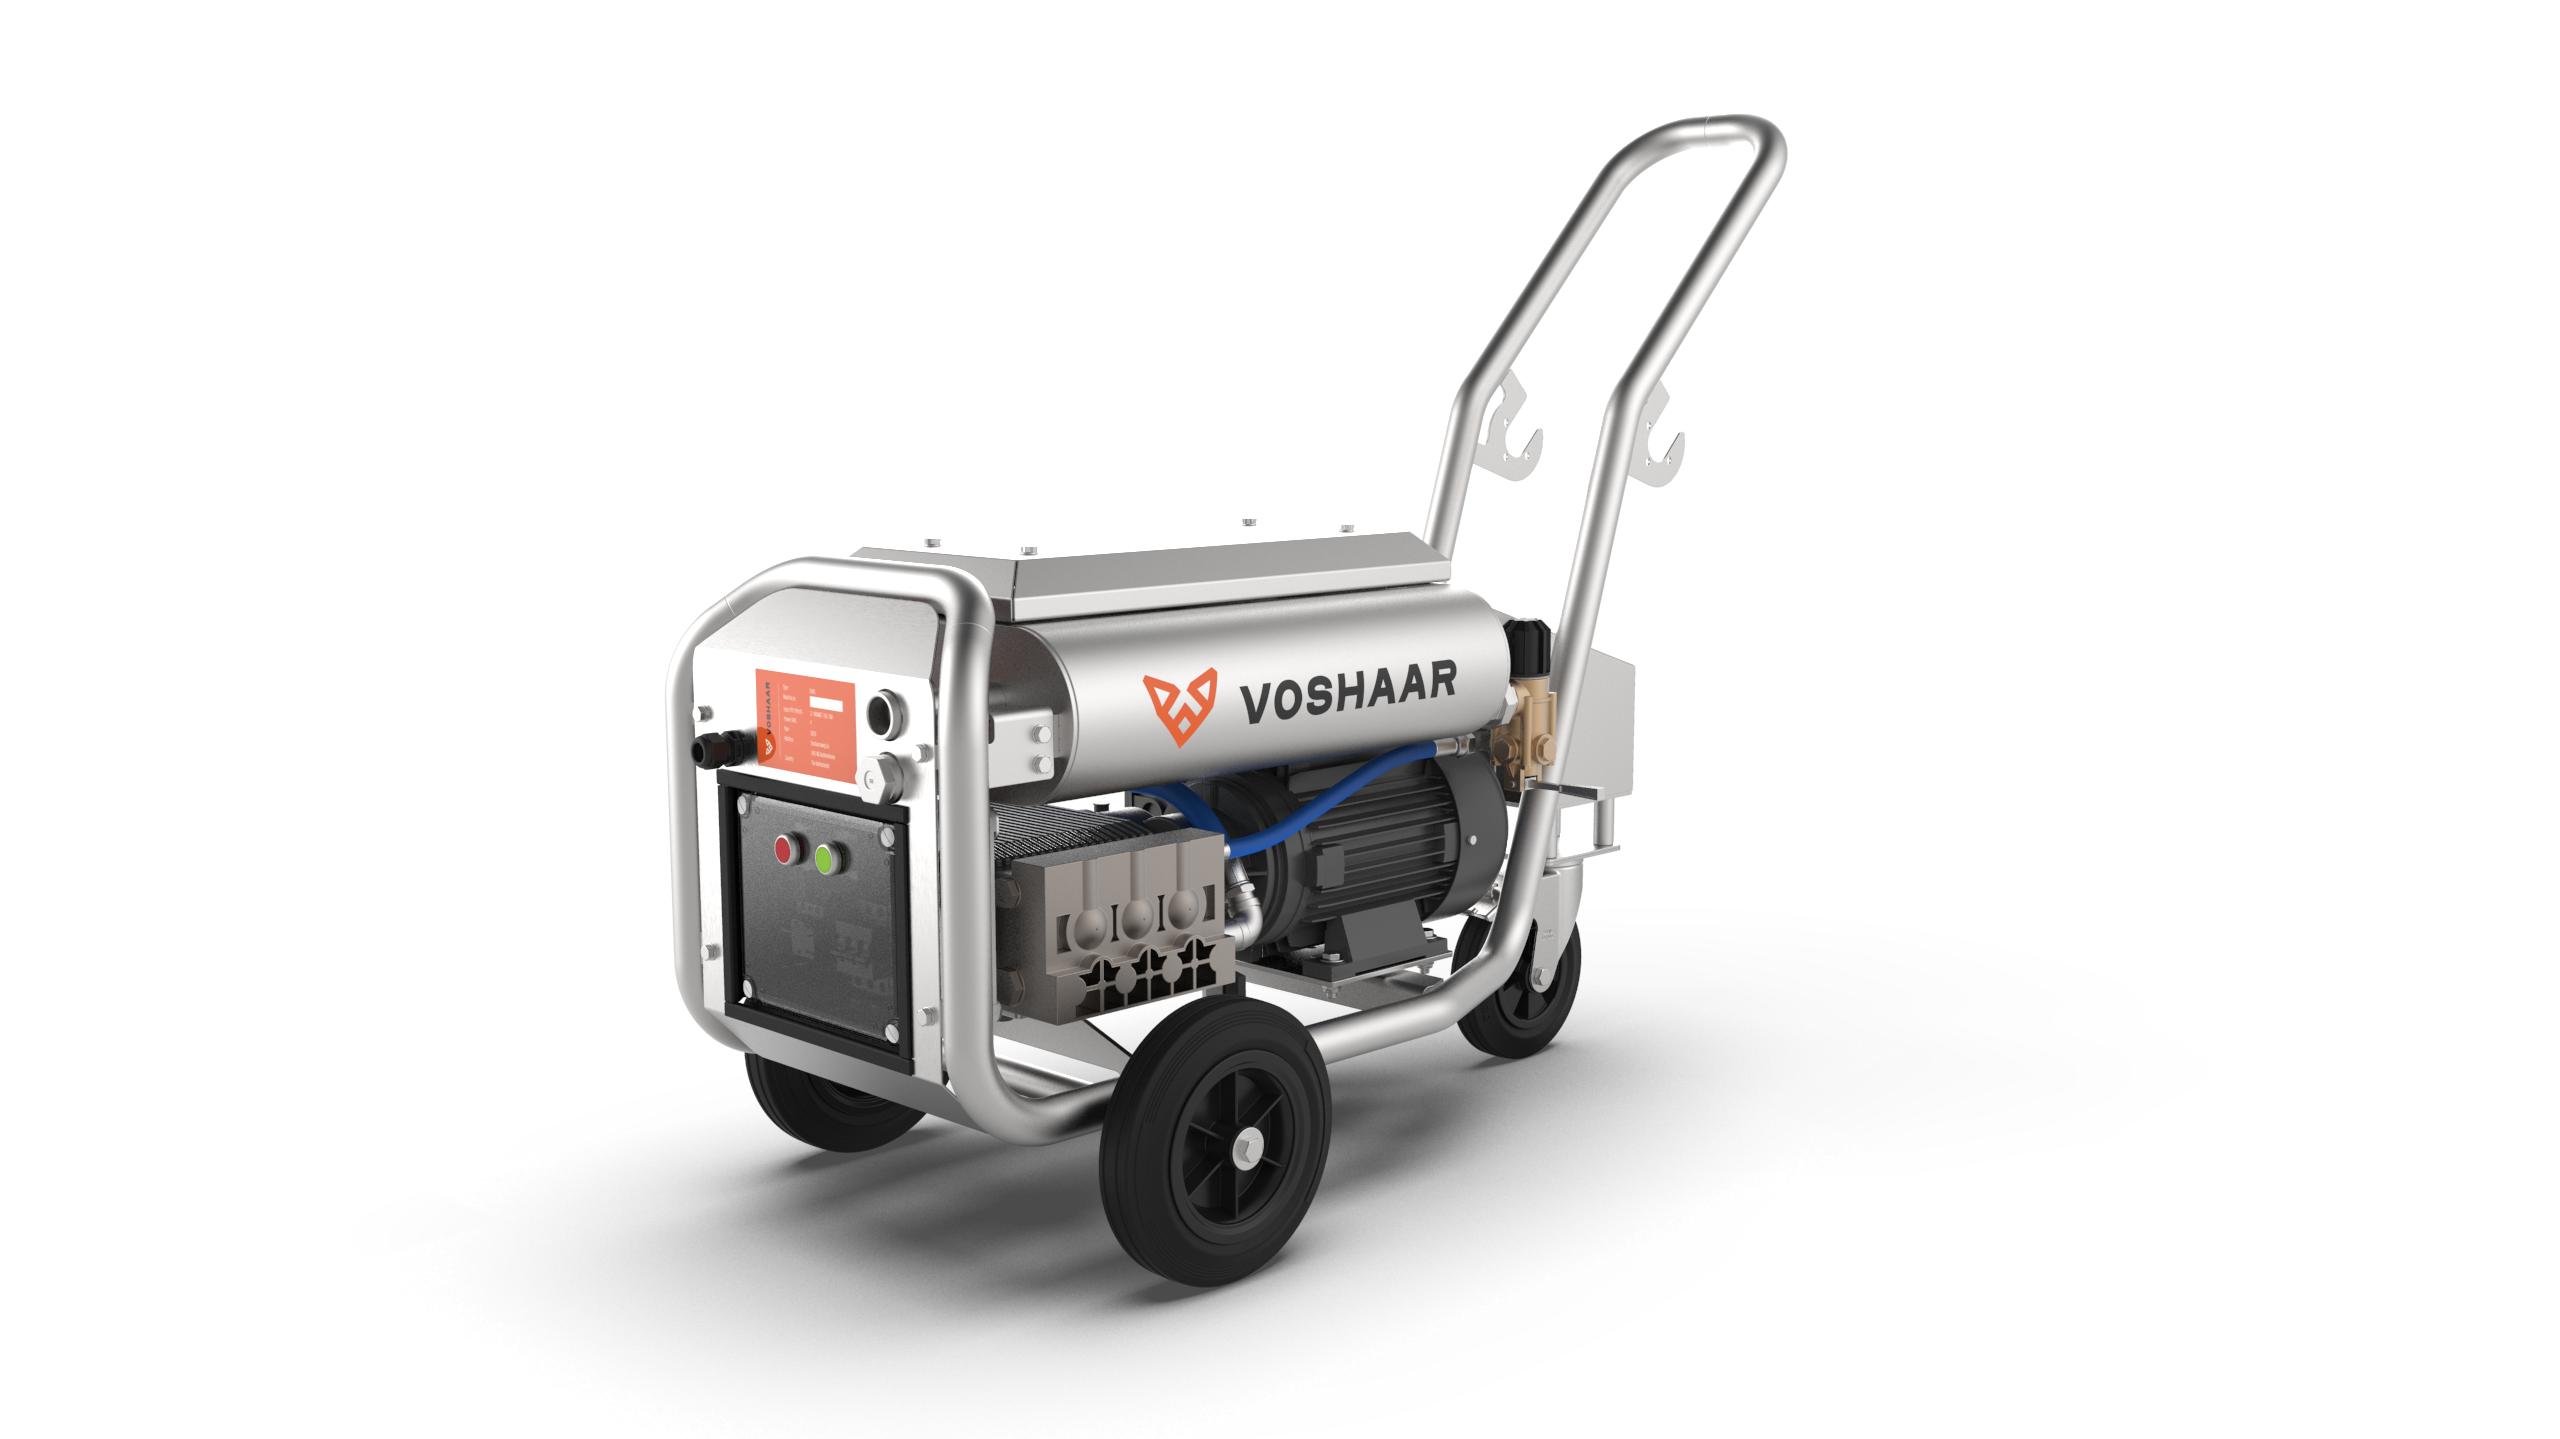 Voshaar RVS 5040